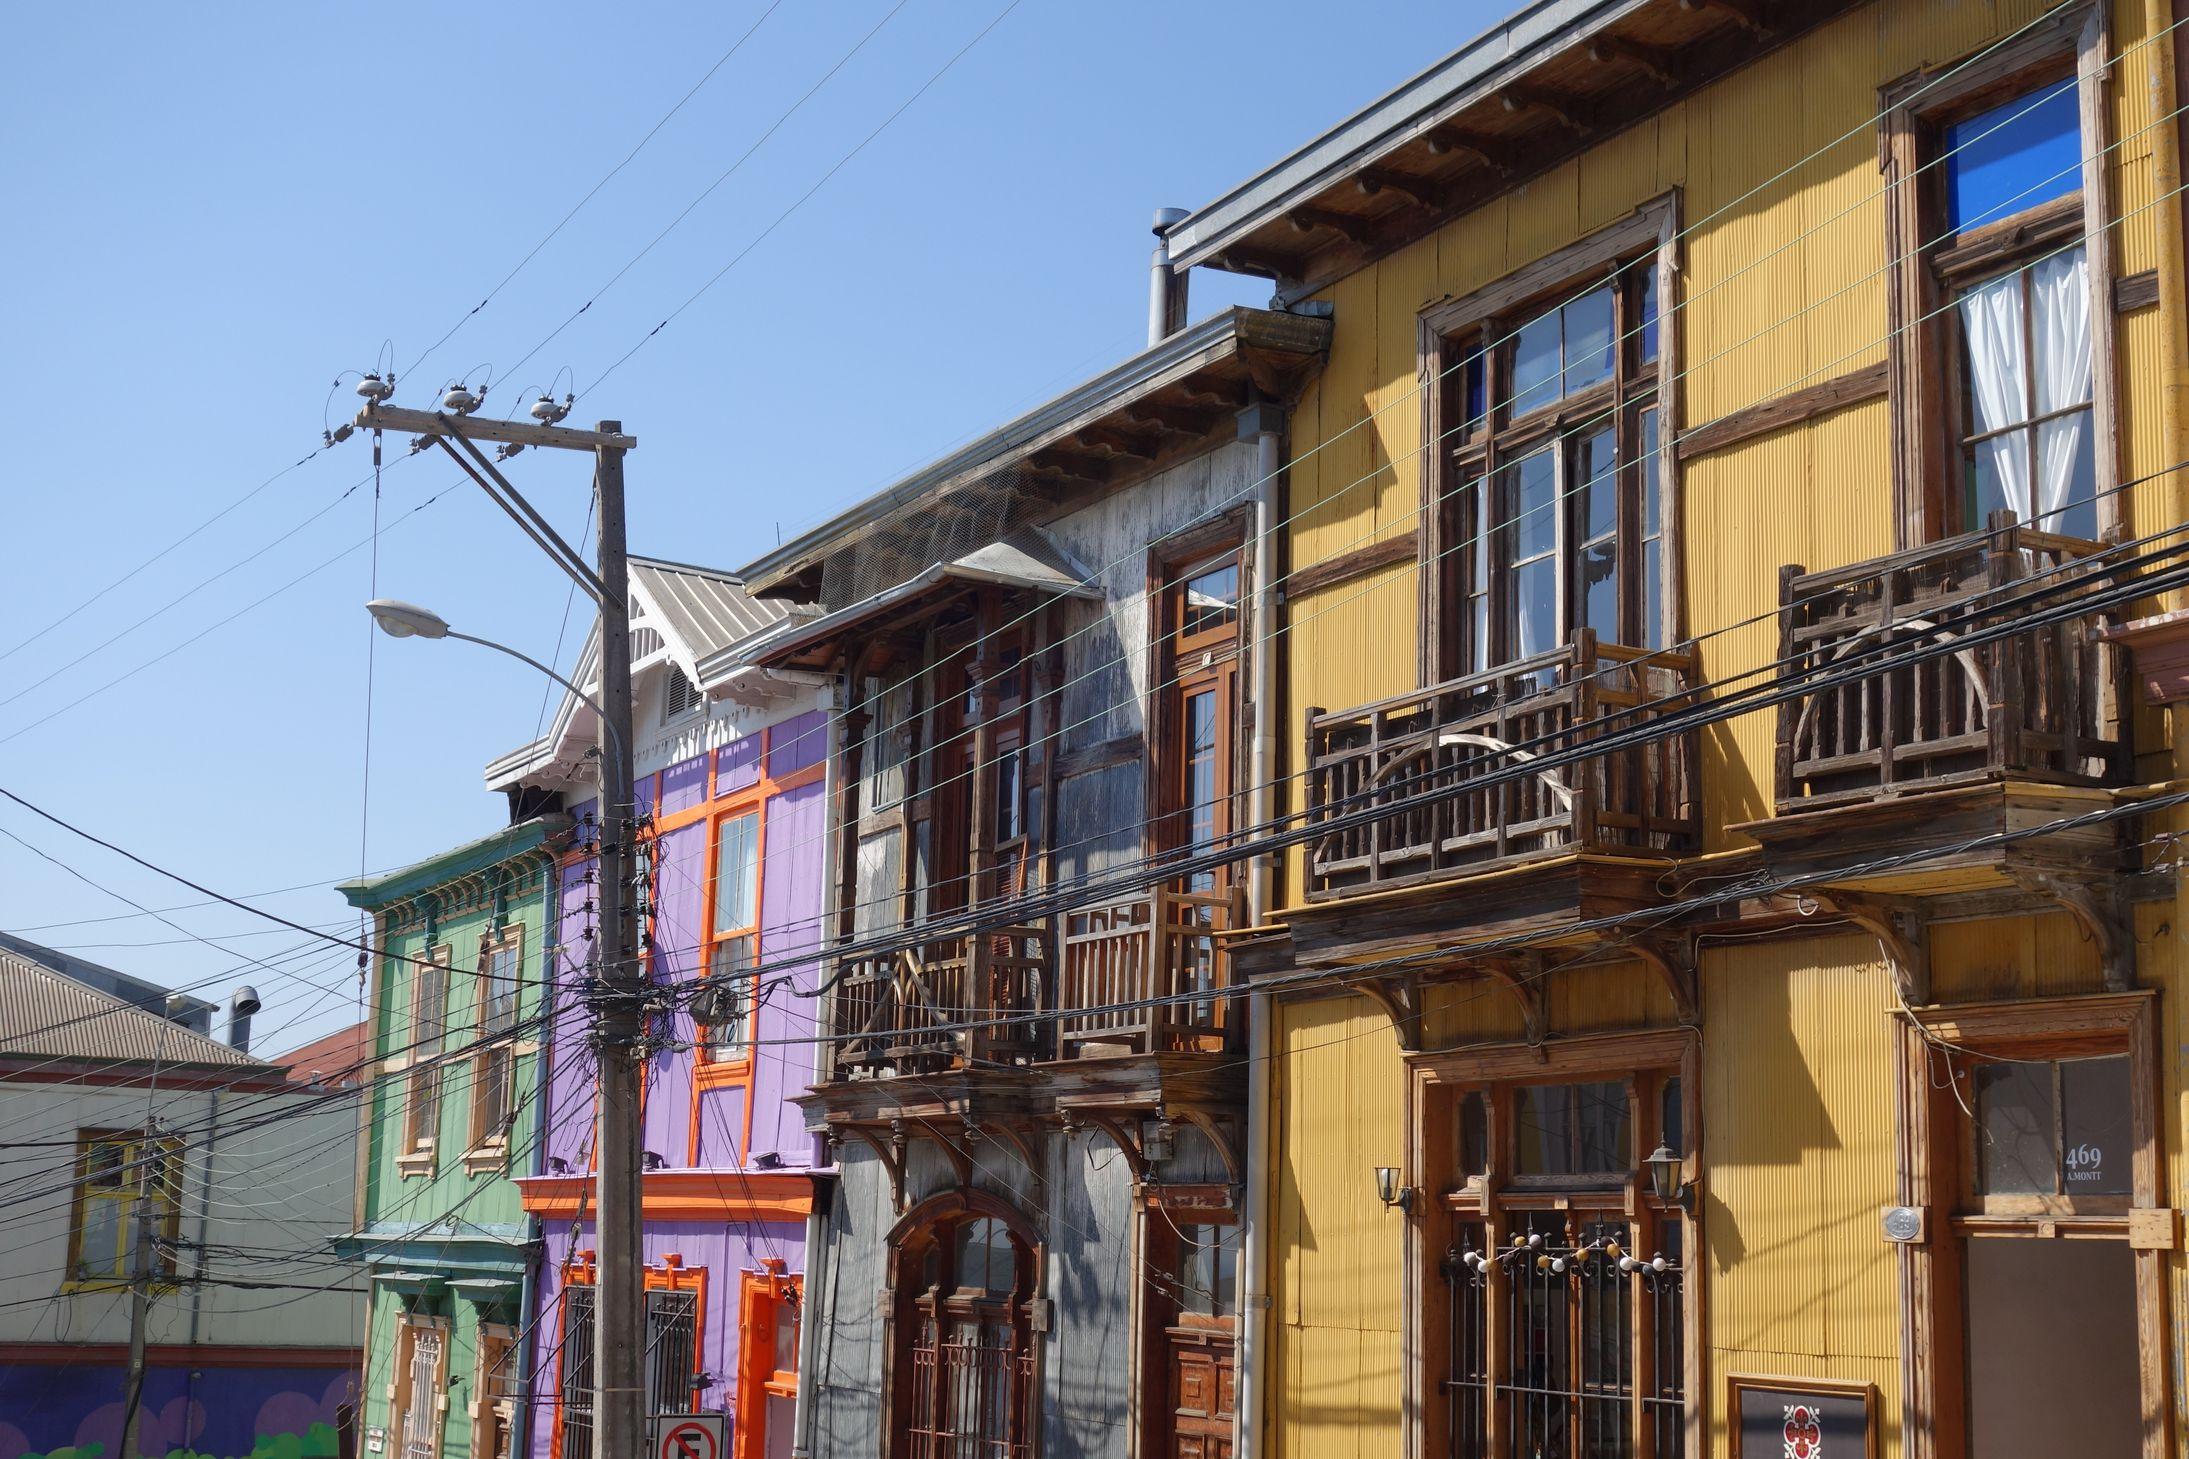 Façades_Valparaiso